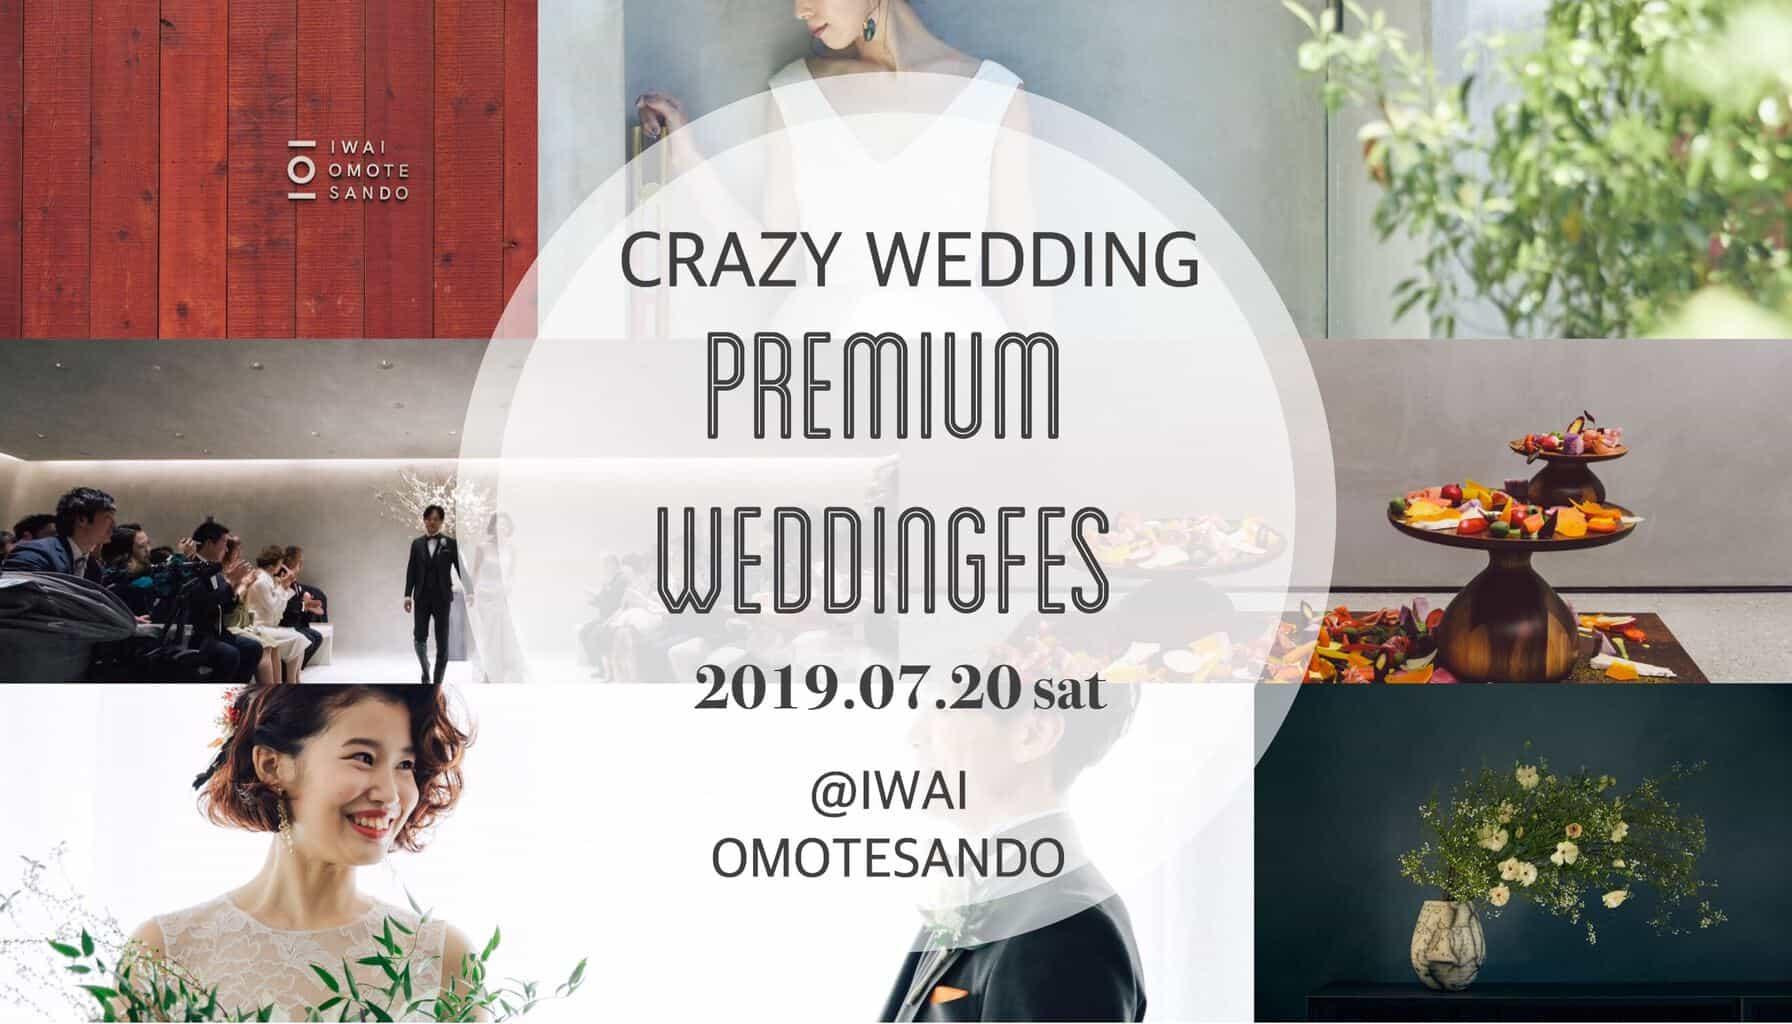 【ふつうの結婚式じゃ満足できないあなたへ】*20組限定*特別なウェディングイベントのご案内のカバー写真